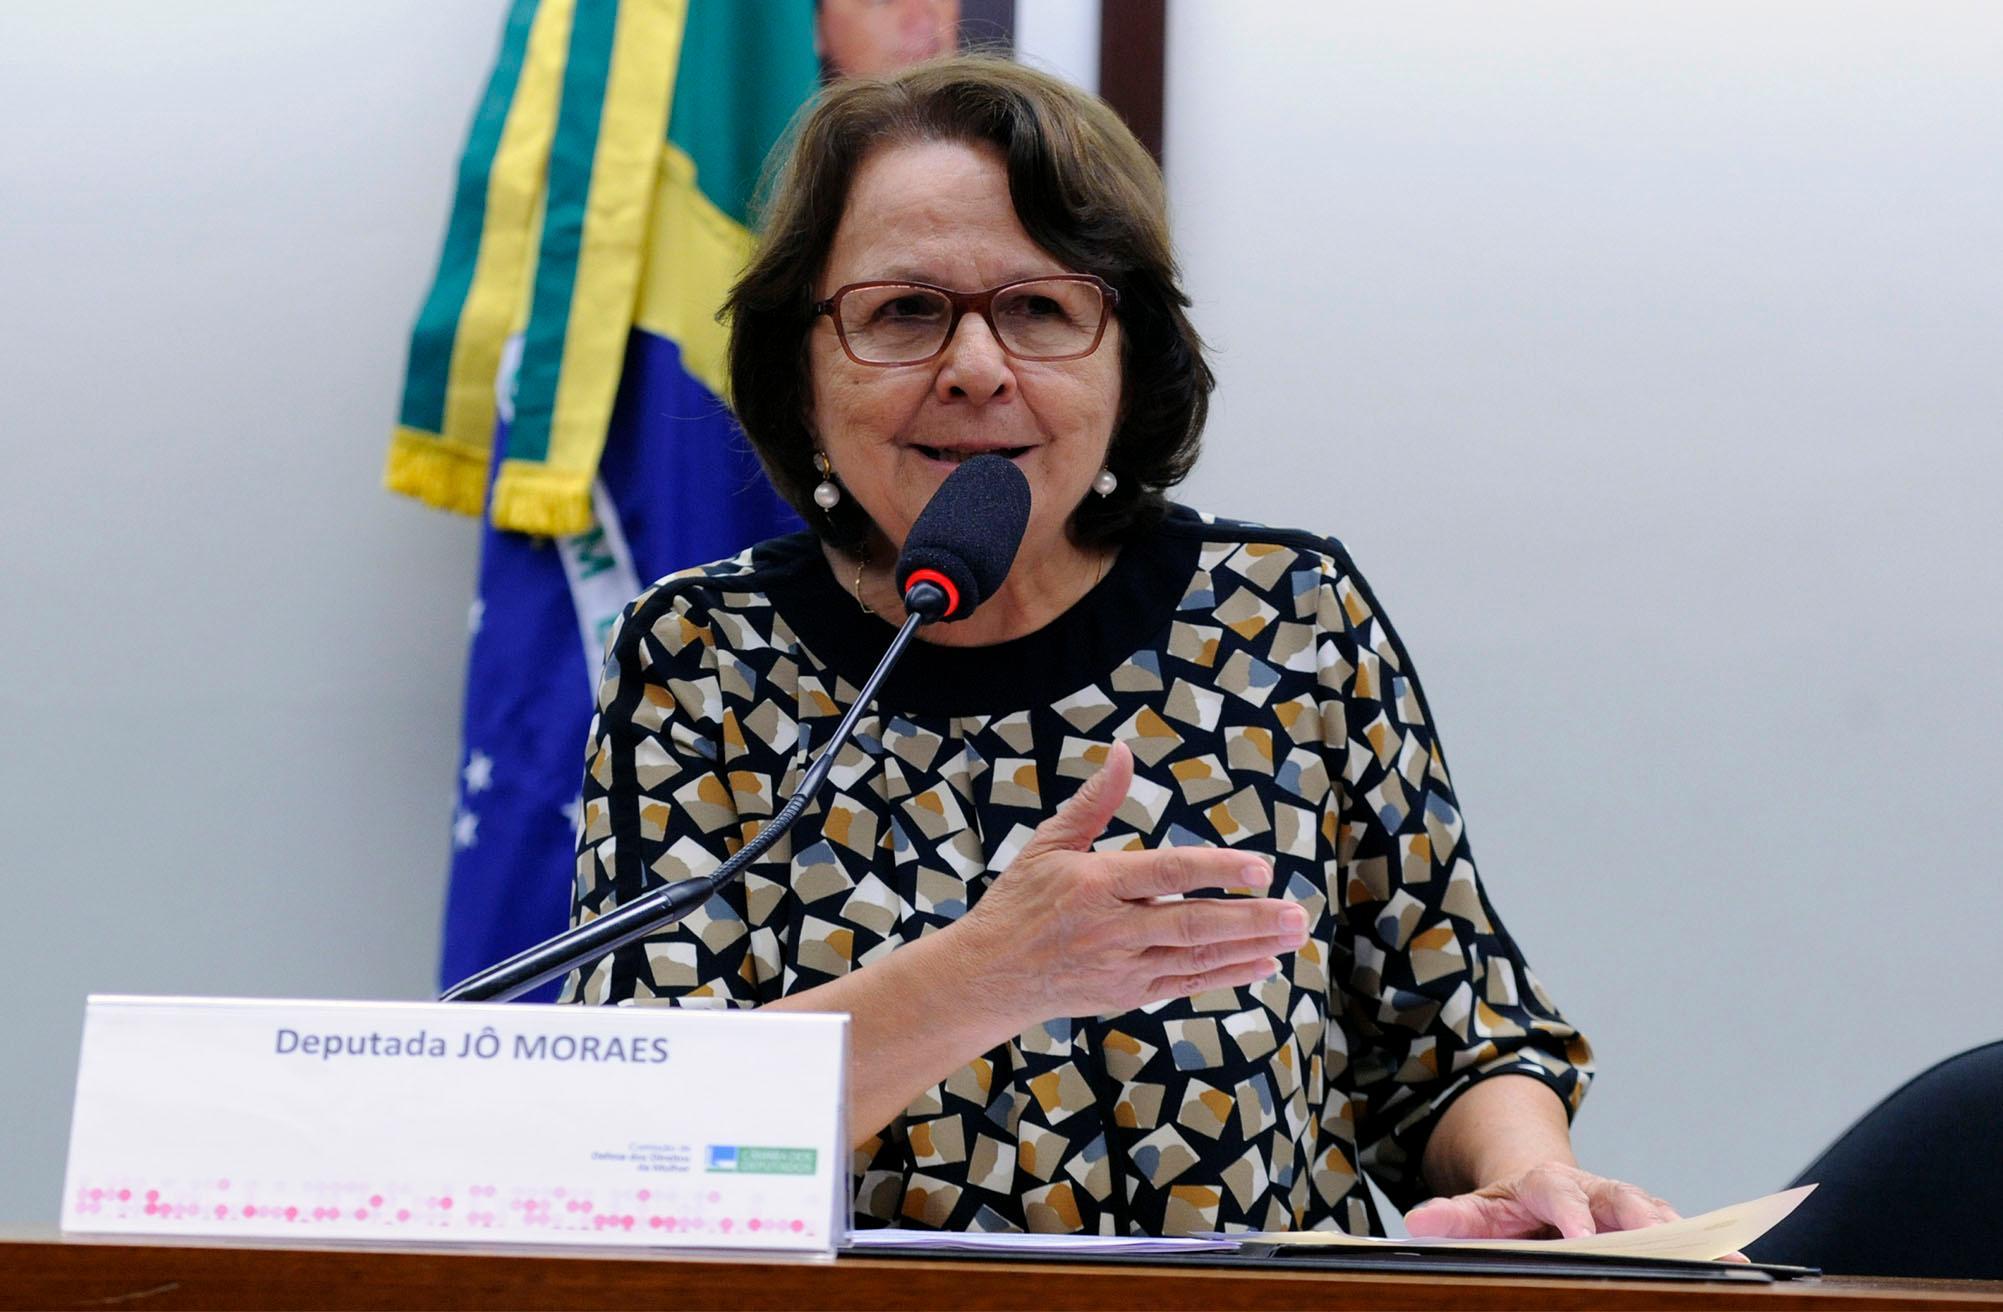 Tribuna das mulheres - A importância do projeto promotoras legais populares (PLPs). Dep. Jô Moraes (PCdoB - MG)